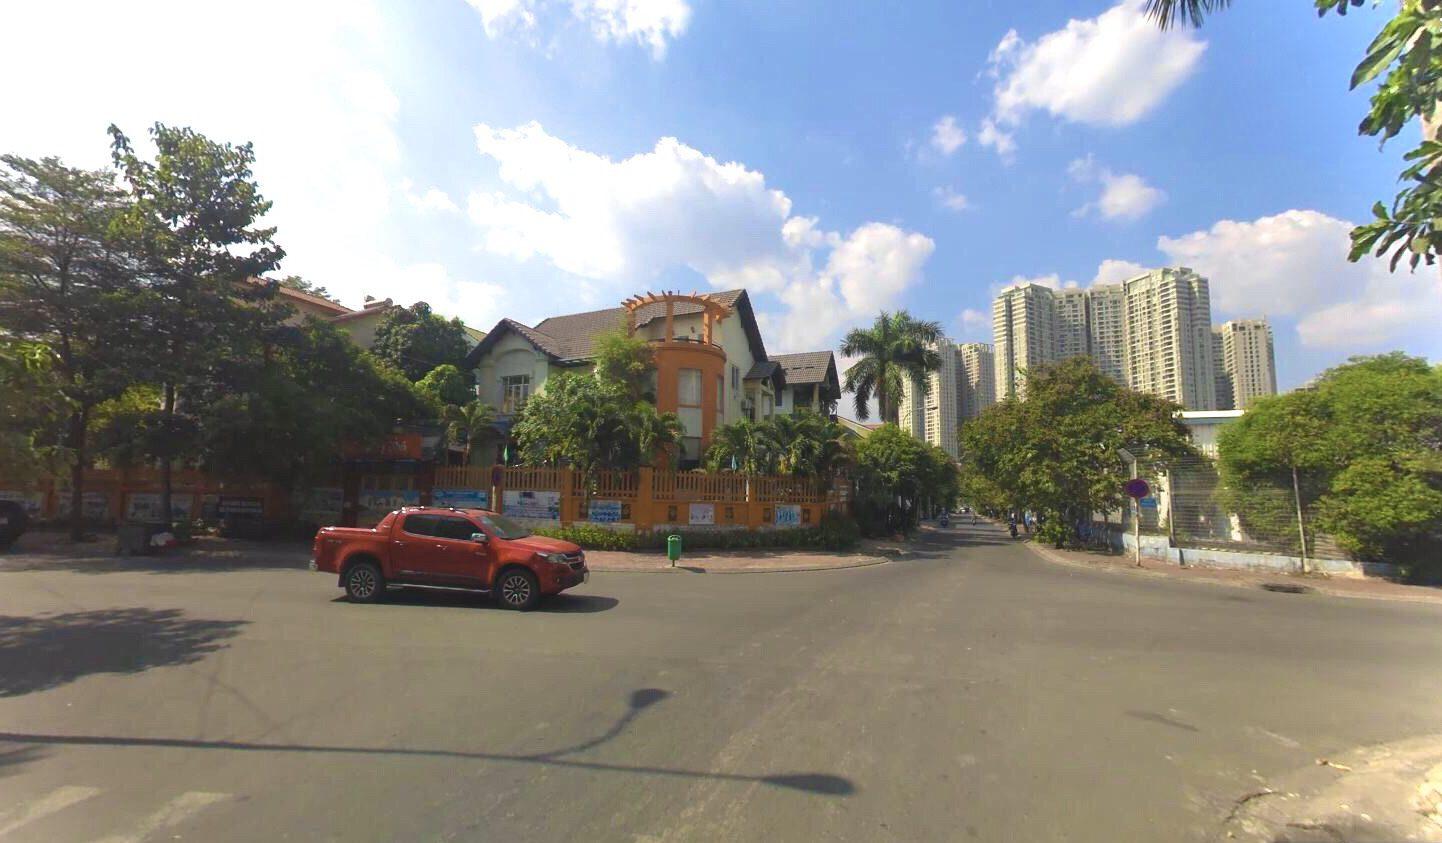 Bán biệt thự mặt tiền Dương Văn An - An Phú An Khánh Quận 2